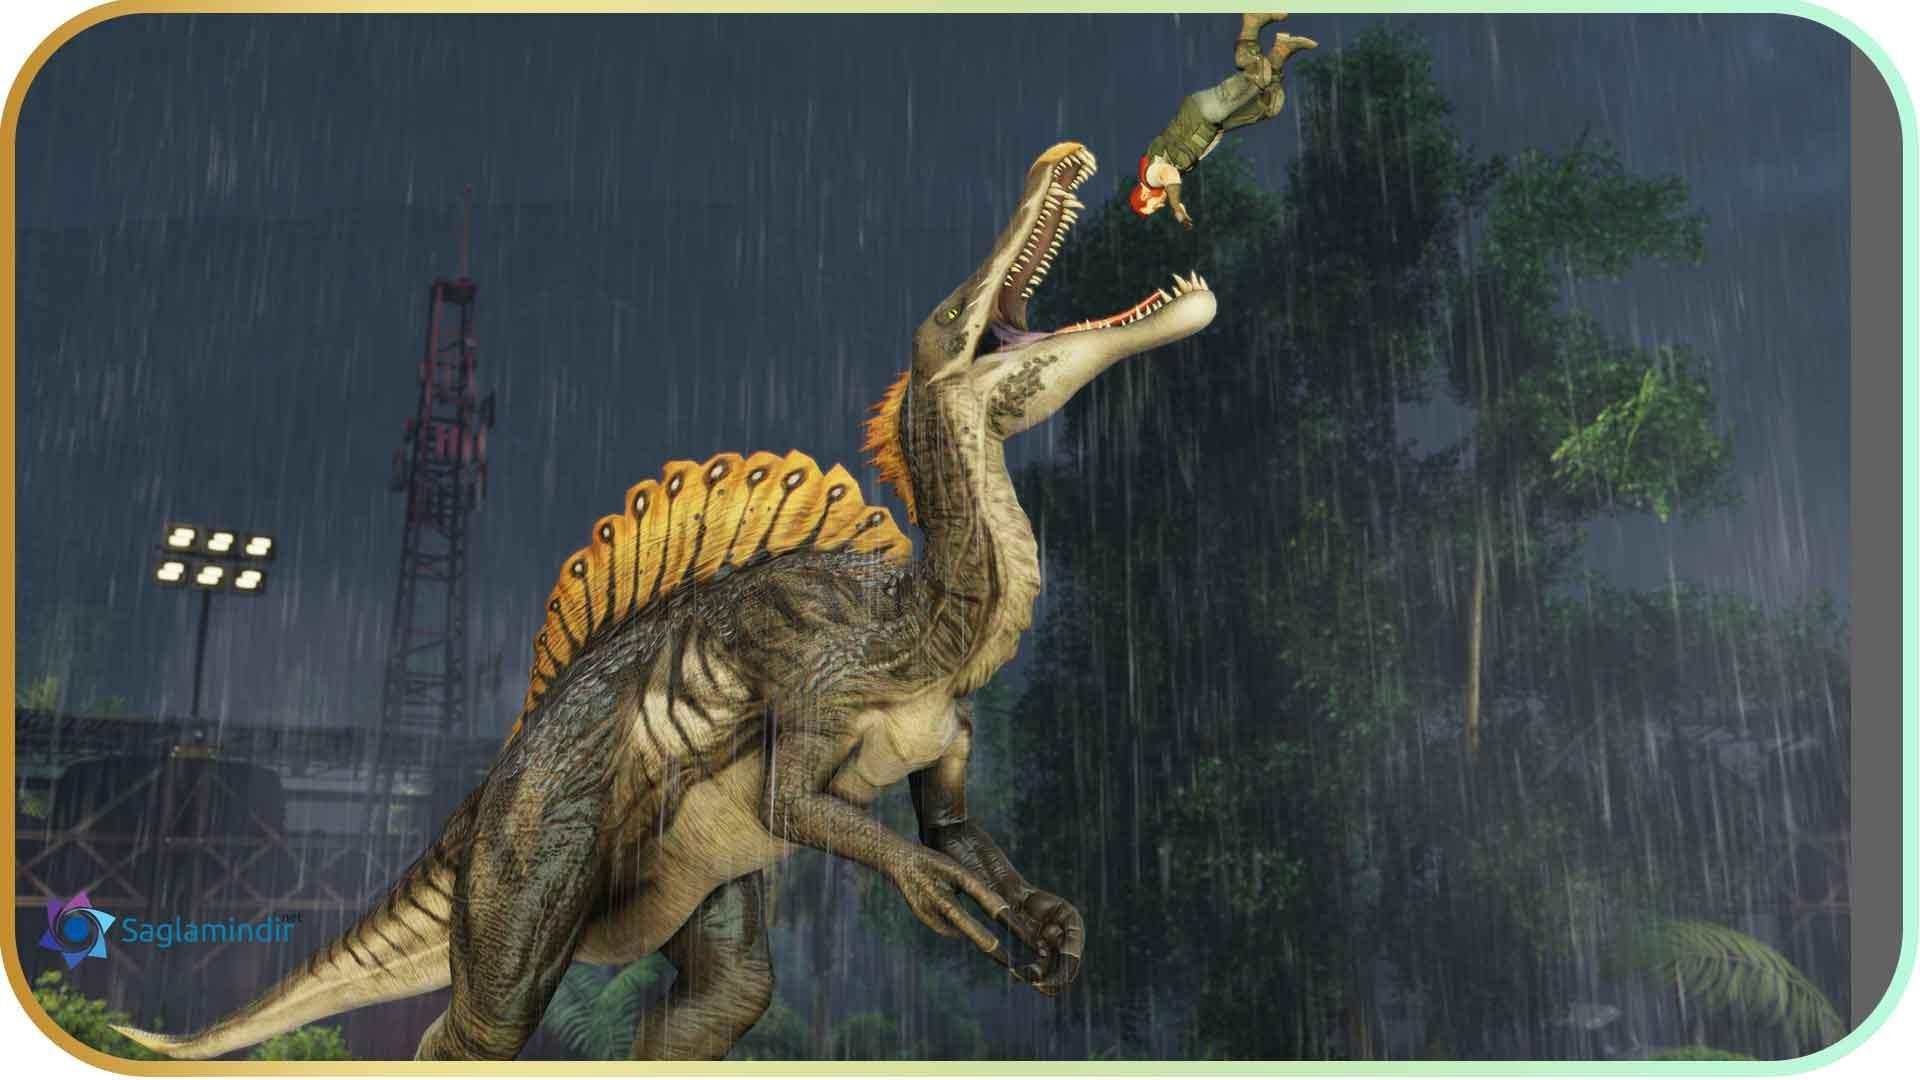 Primal Carnage Extinction saglamindir